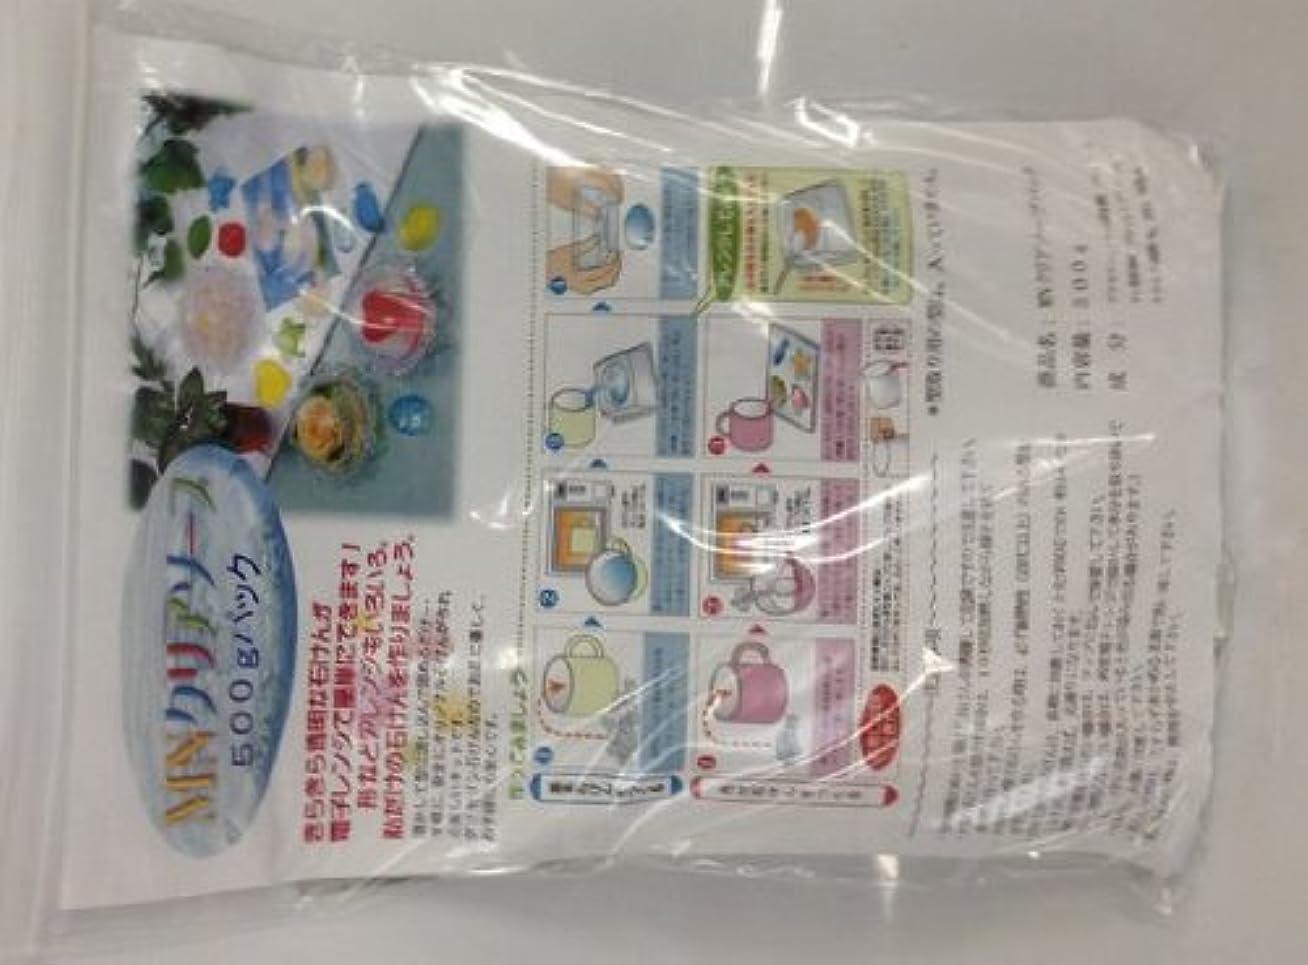 ホイールスタンドデッド手作り石鹸キット クリアソープ単品500g(お得な補充用)